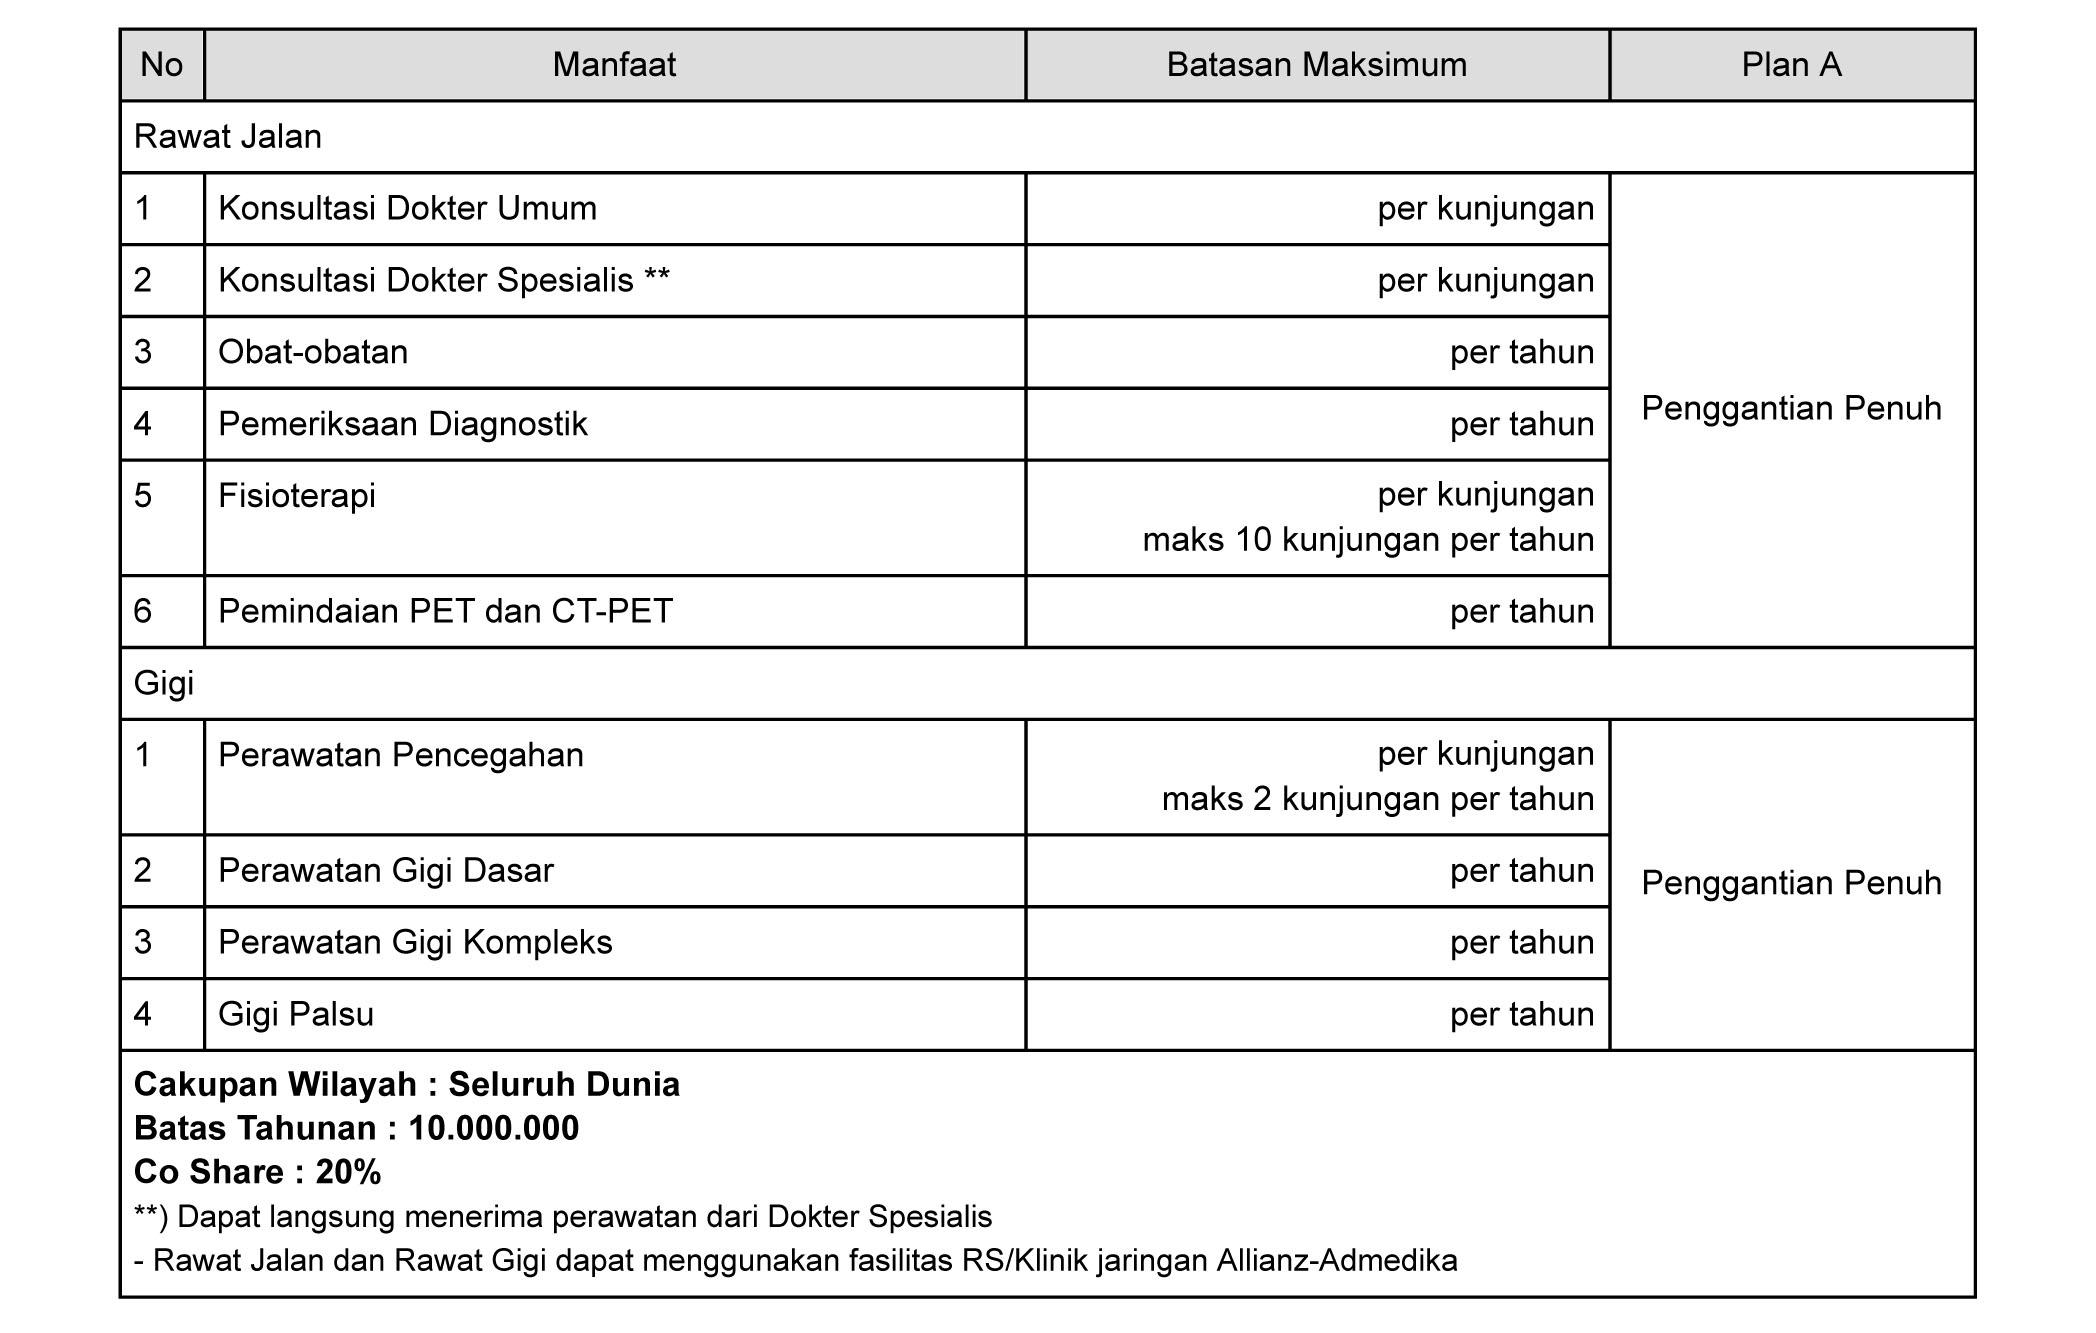 tabel manfaat asuransi rawat gigi smartmed premier plan A